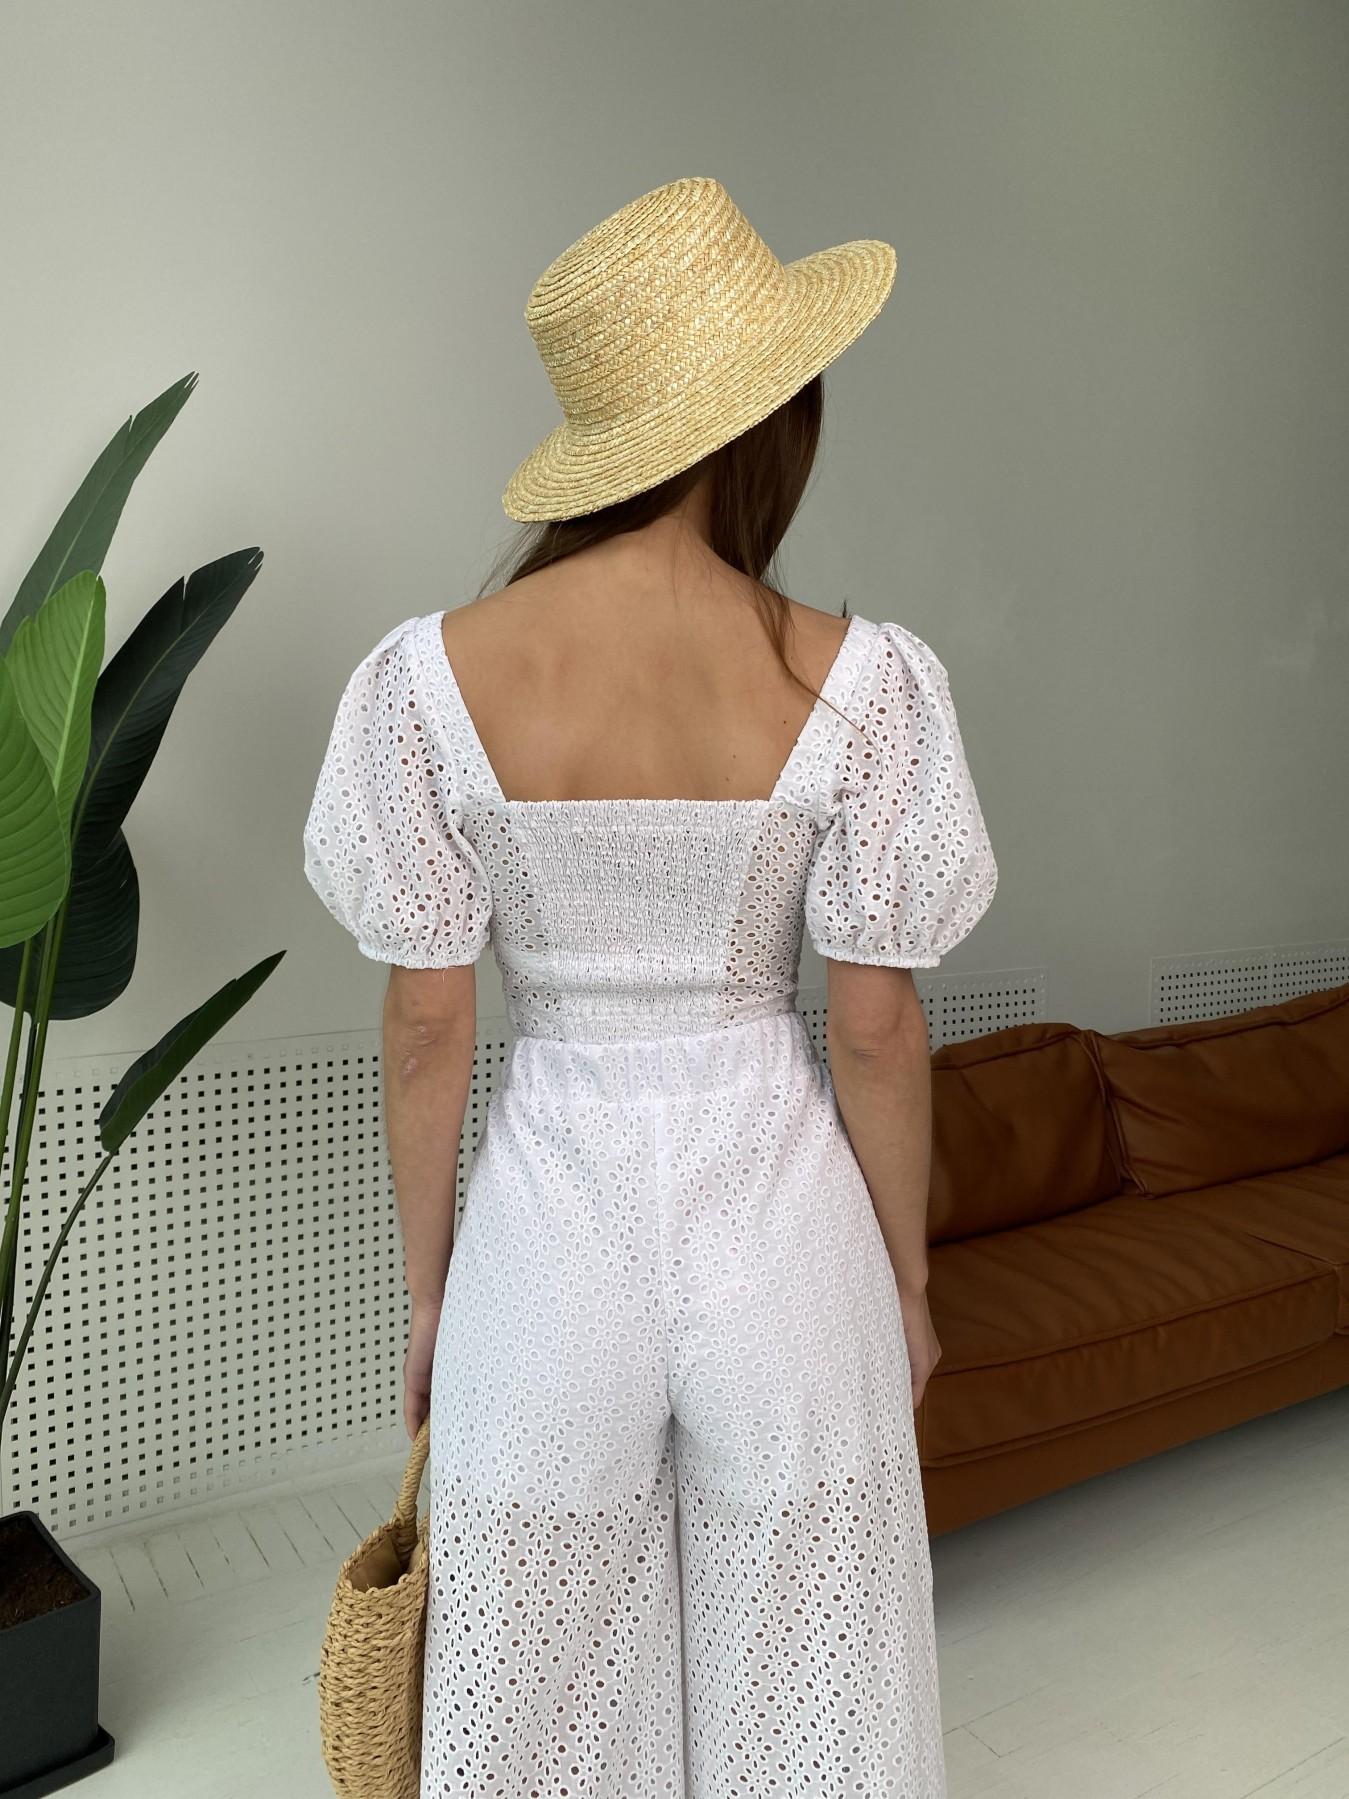 Лагуна  прогулочный костюм из прошвы 11294 АРТ. 48004 Цвет: Белый/МелЦветПерфор - фото 13, интернет магазин tm-modus.ru